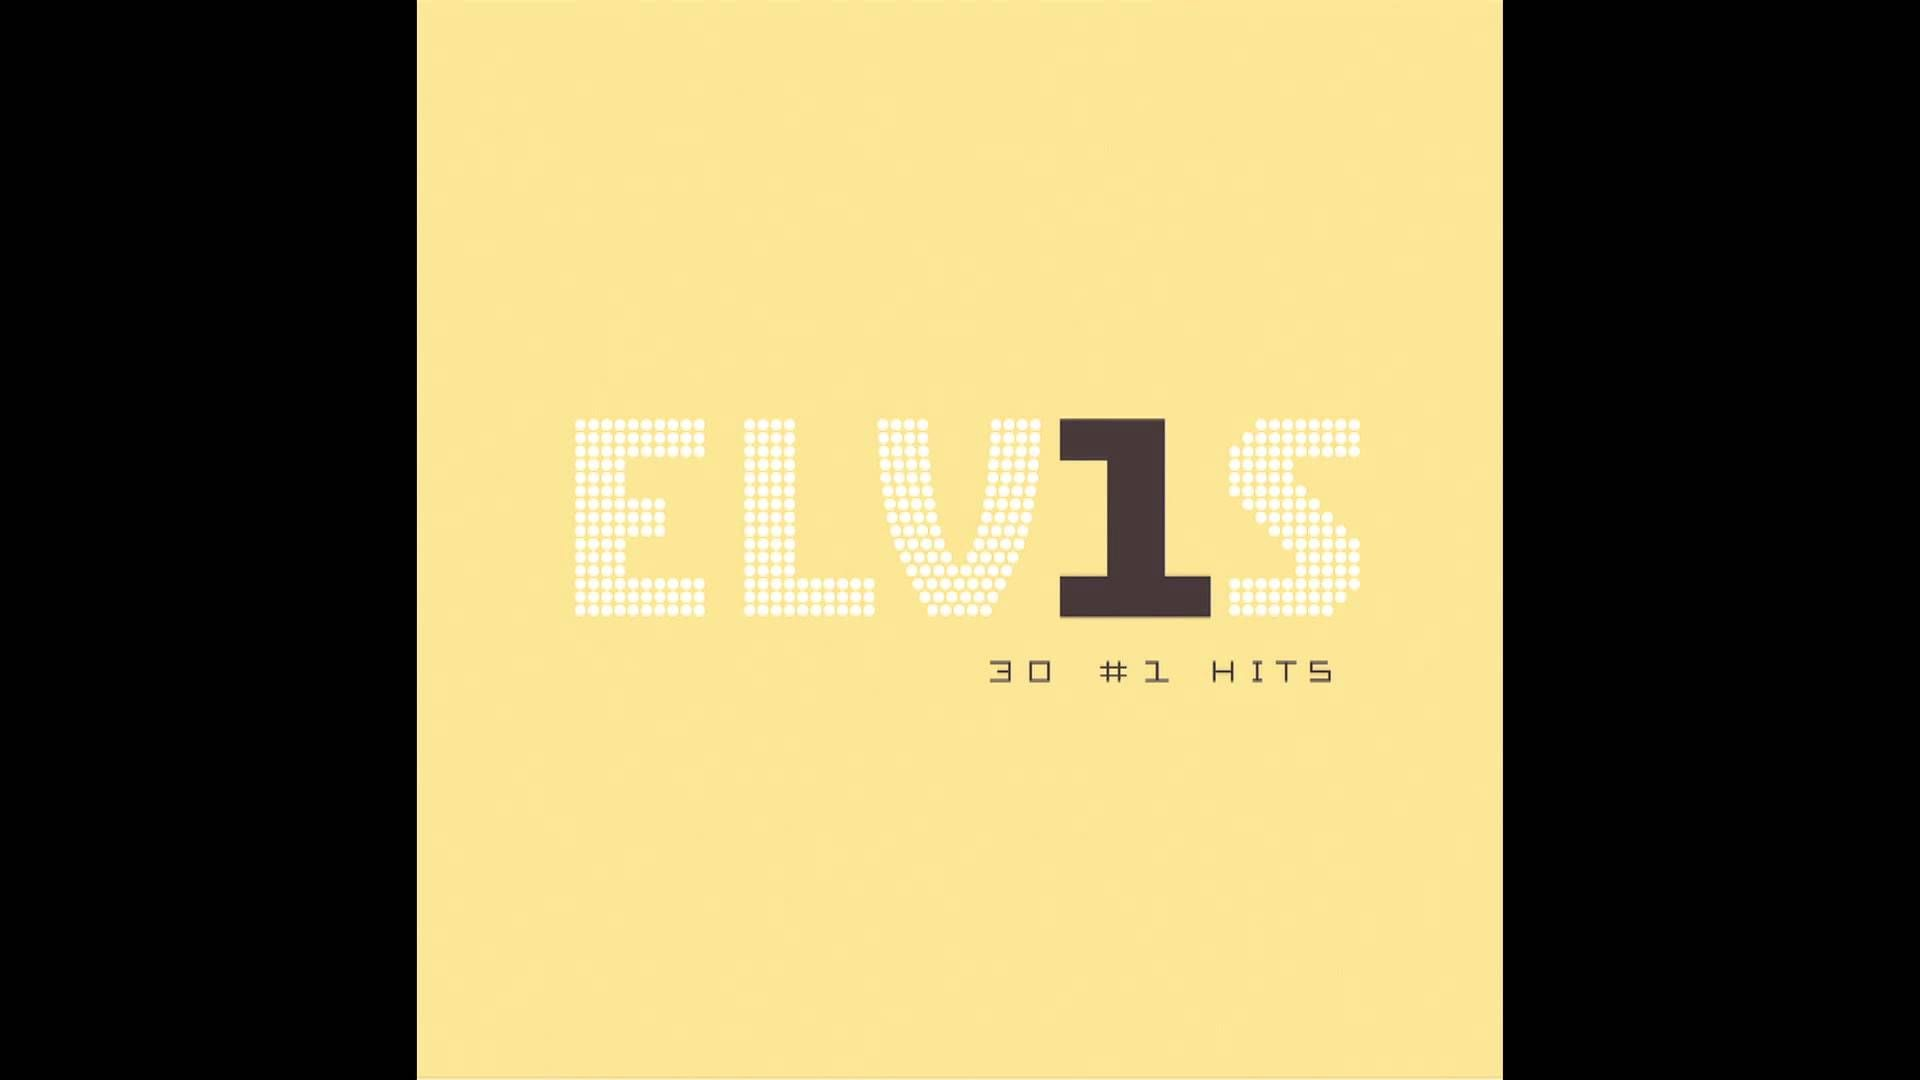 """Elvis Presley - Can't Help Falling In Love (Audio) """"Wise men say"""